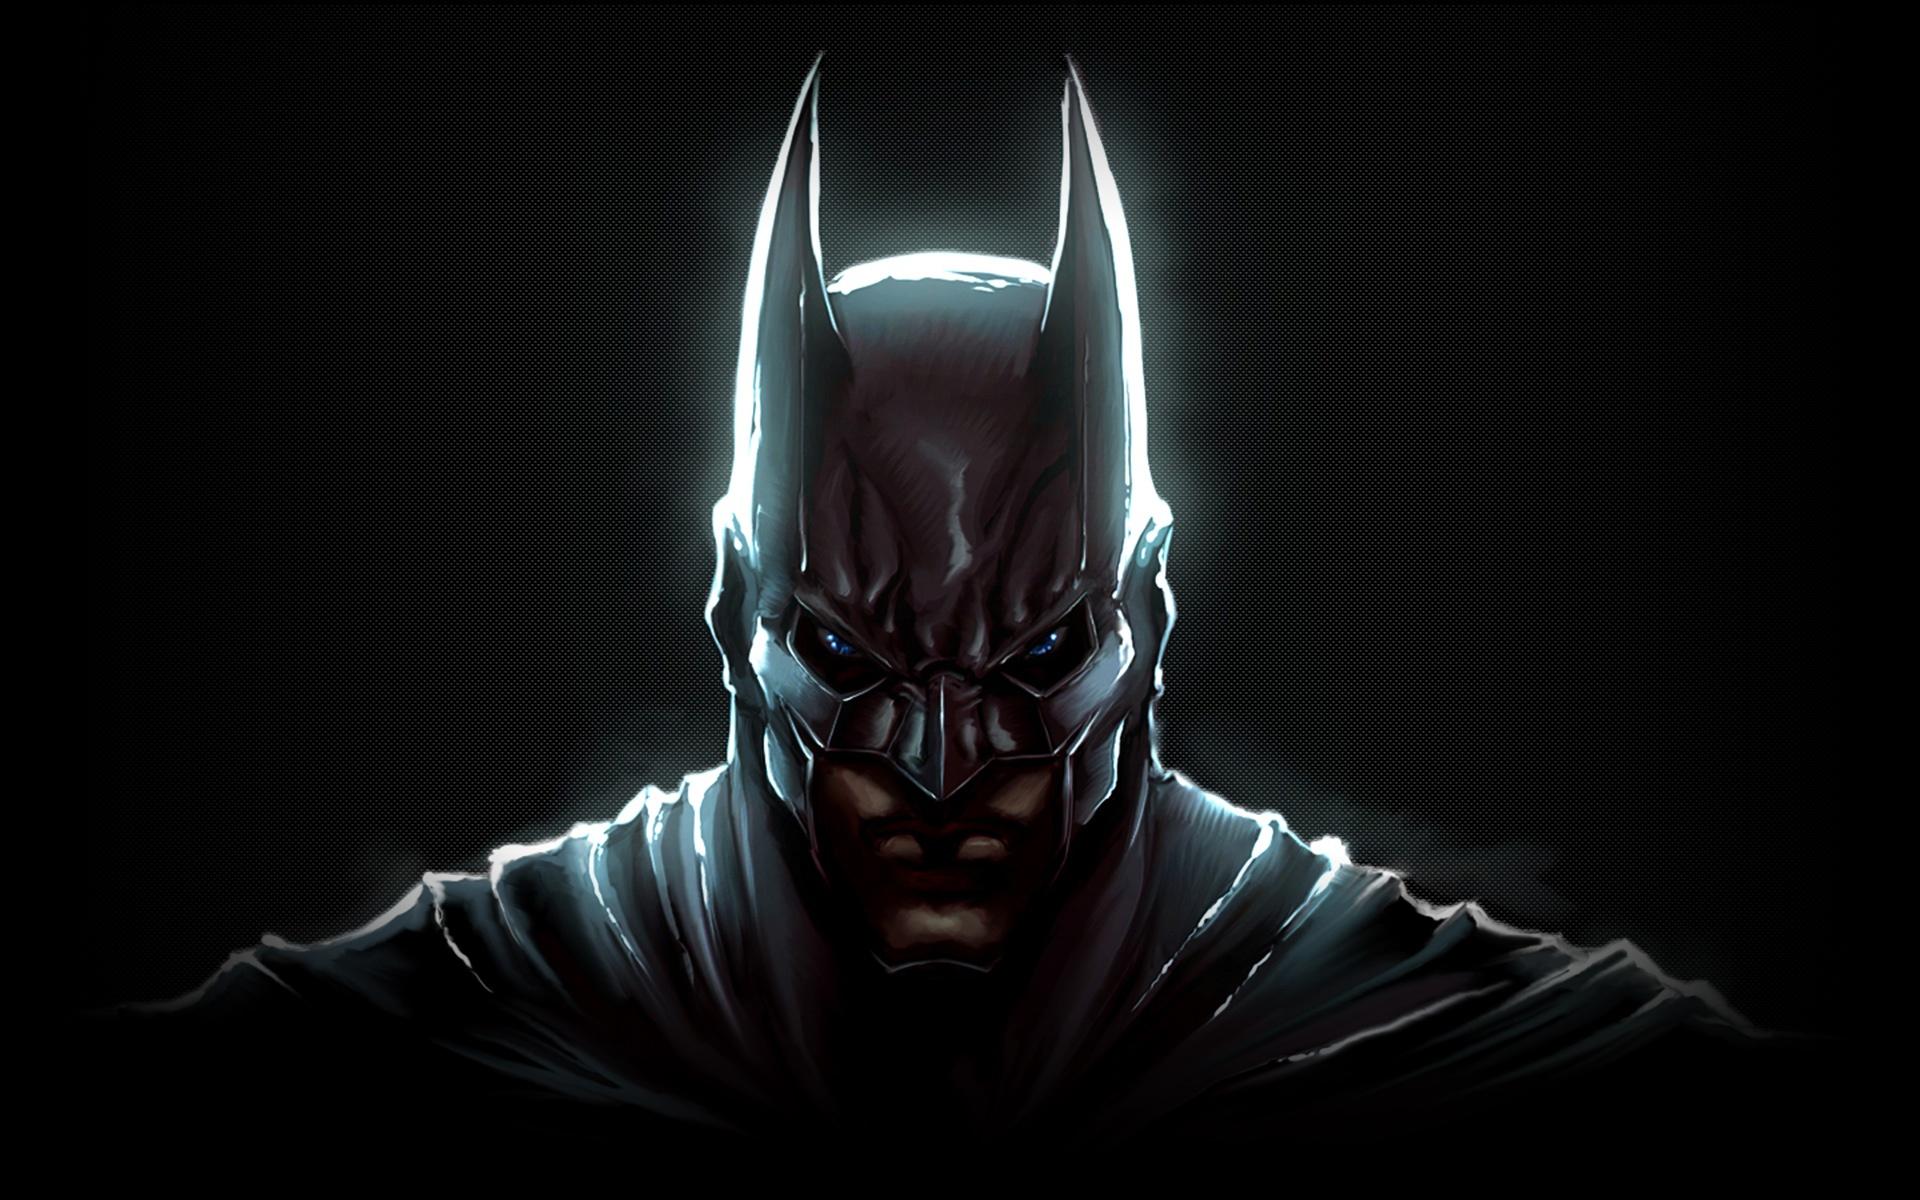 Dark Knight Batman Art HD Wallpapers 1920x1200